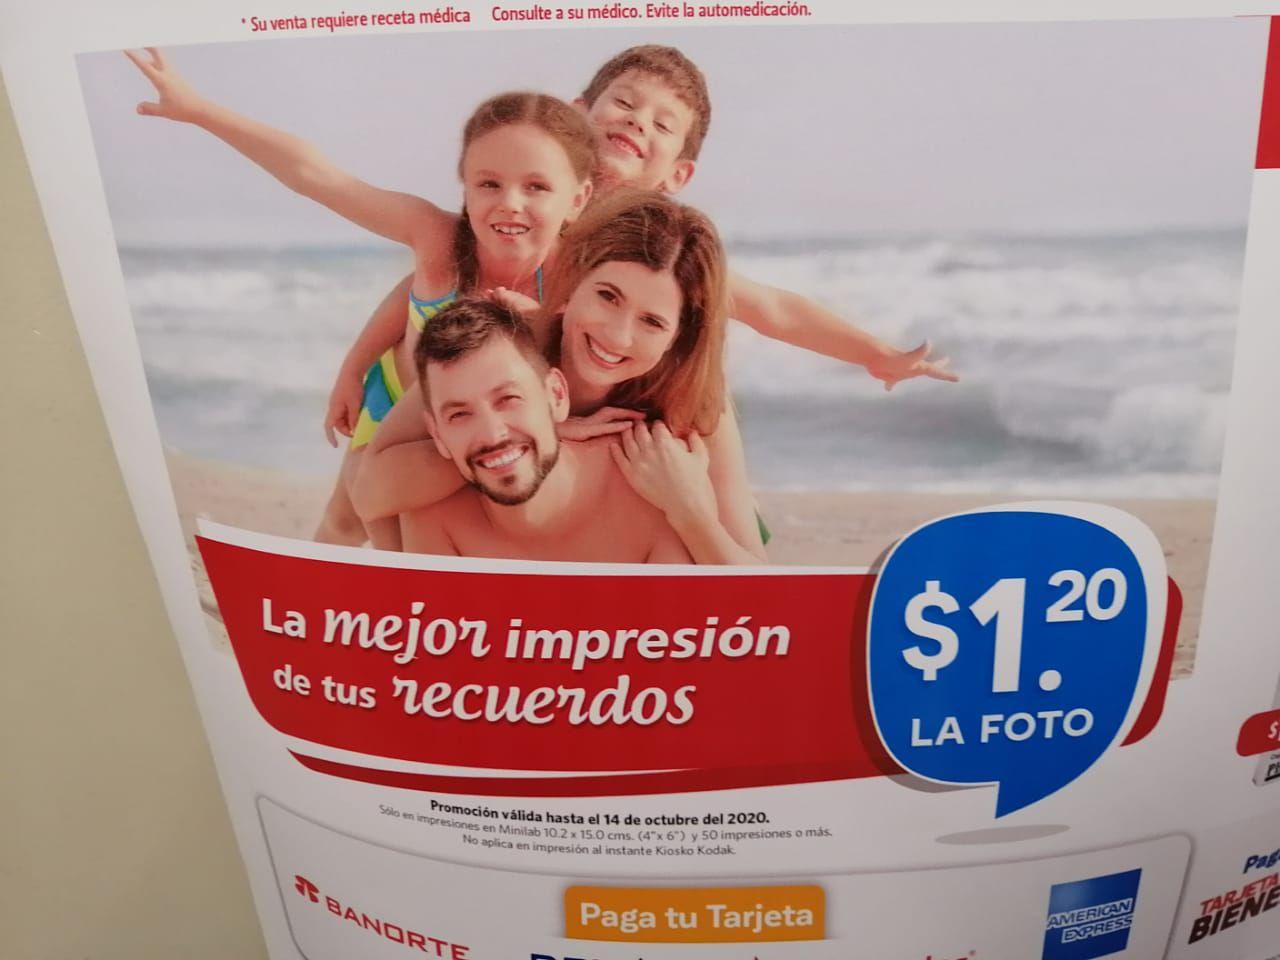 Farmacia Guadalajara: Impresión de Fotos a $1.20 (Apartir de 50 fotos)